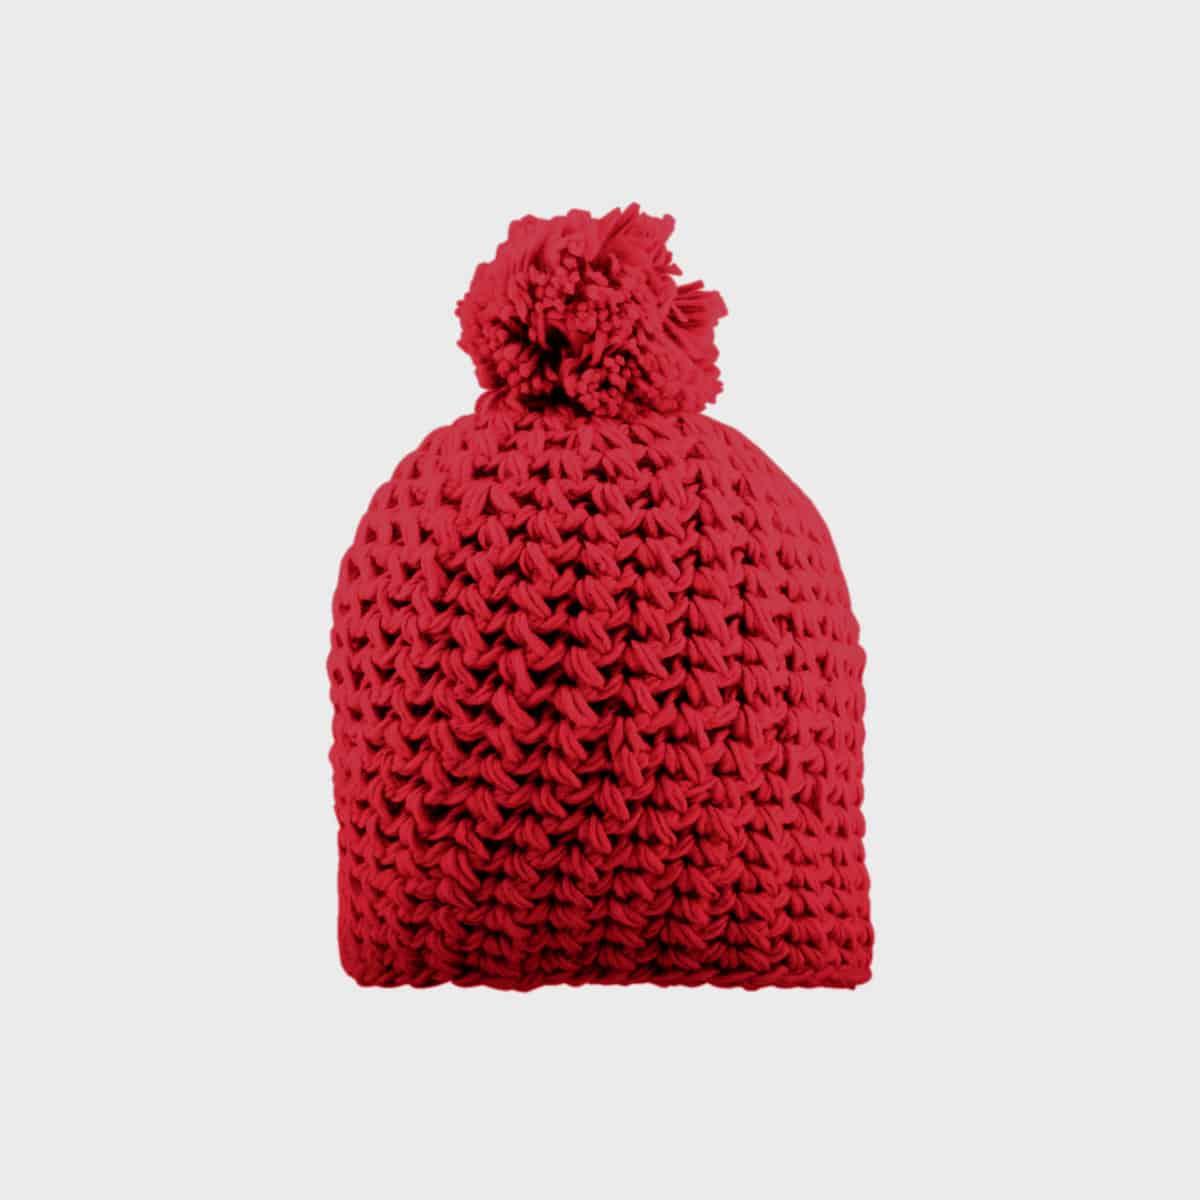 Häkelmütze-Pompon-Crocheted-Cap-kaufen-besticken_StickManufaktur